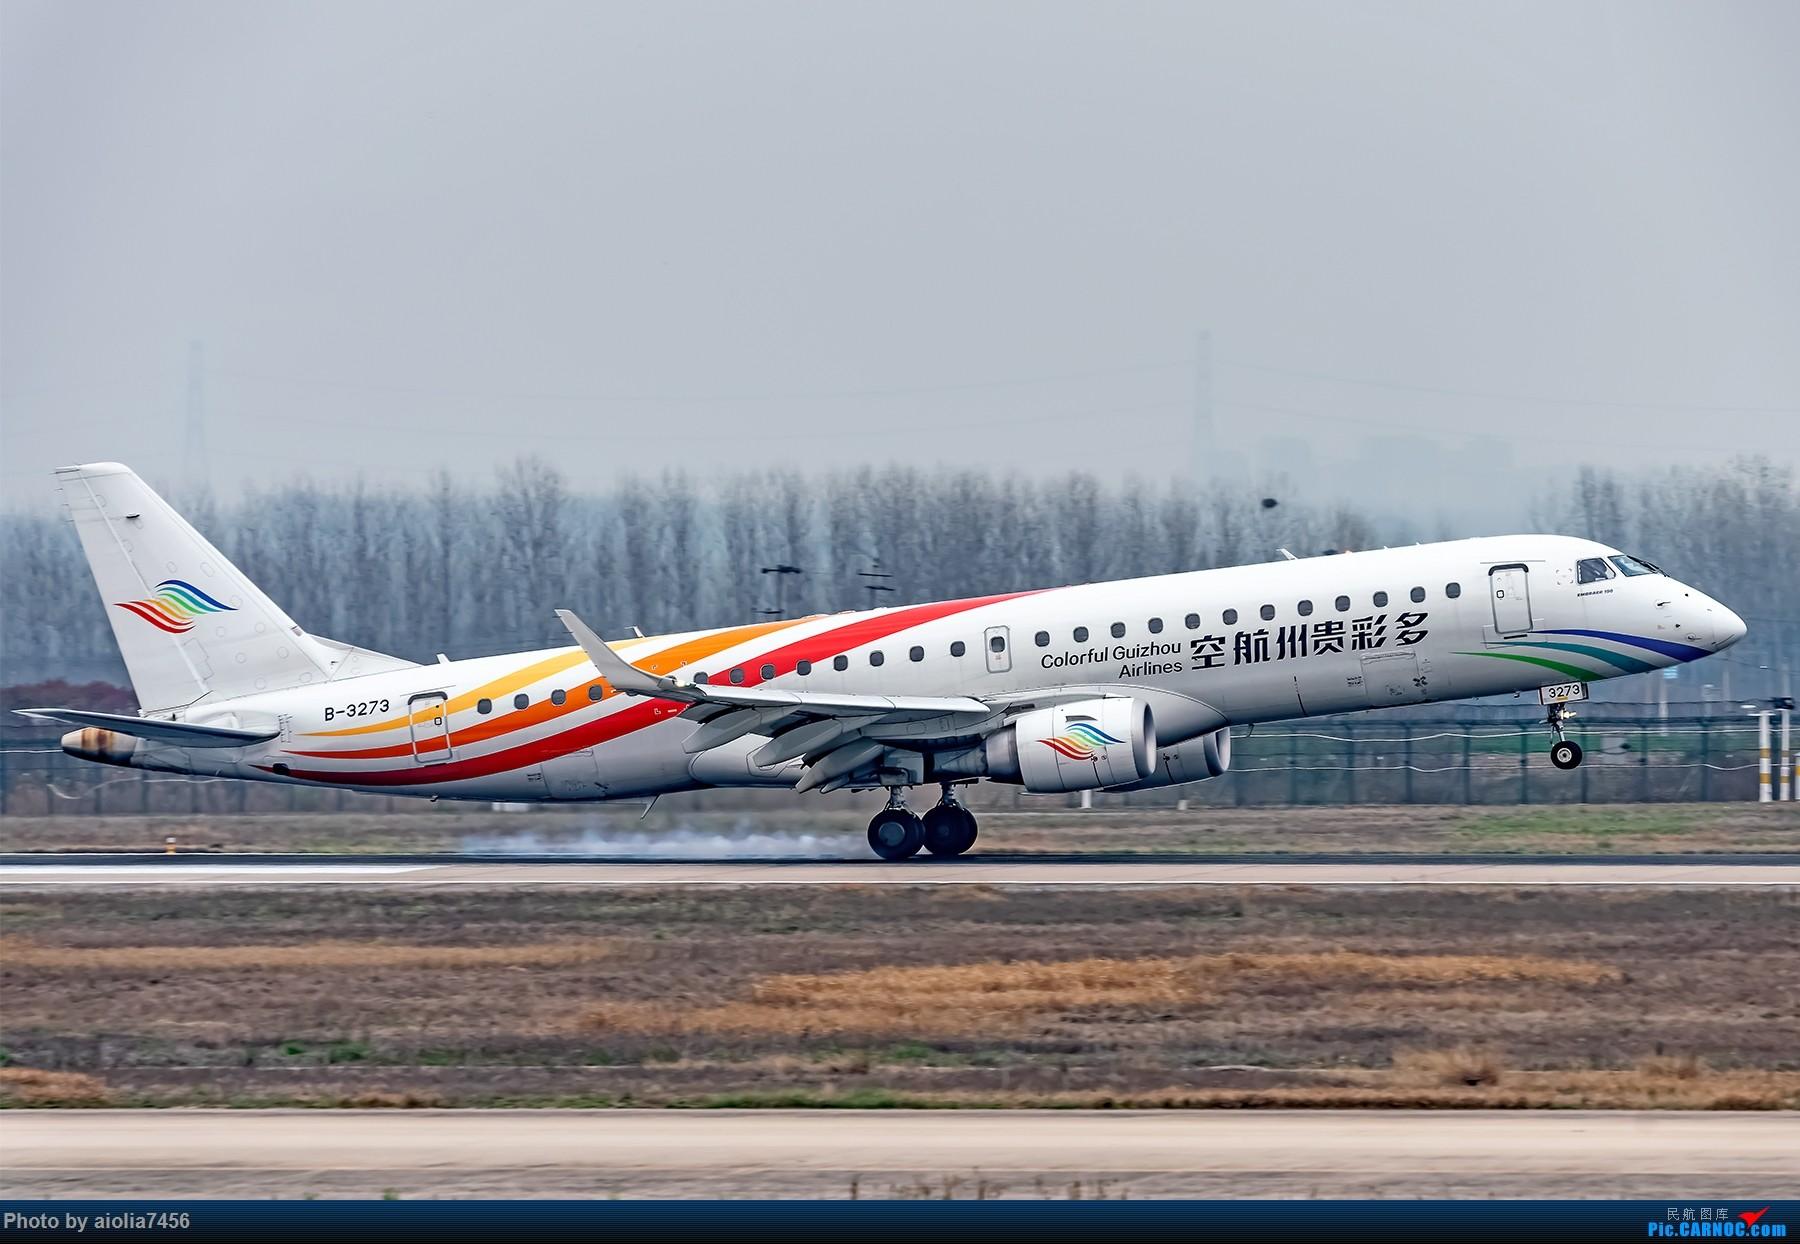 Re:[原创]{霸都打机队}儿子说,合肥为什么没有大飞机?(手动尴尬) EMBRAER E-190 B-3273 中国合肥新桥国际机场